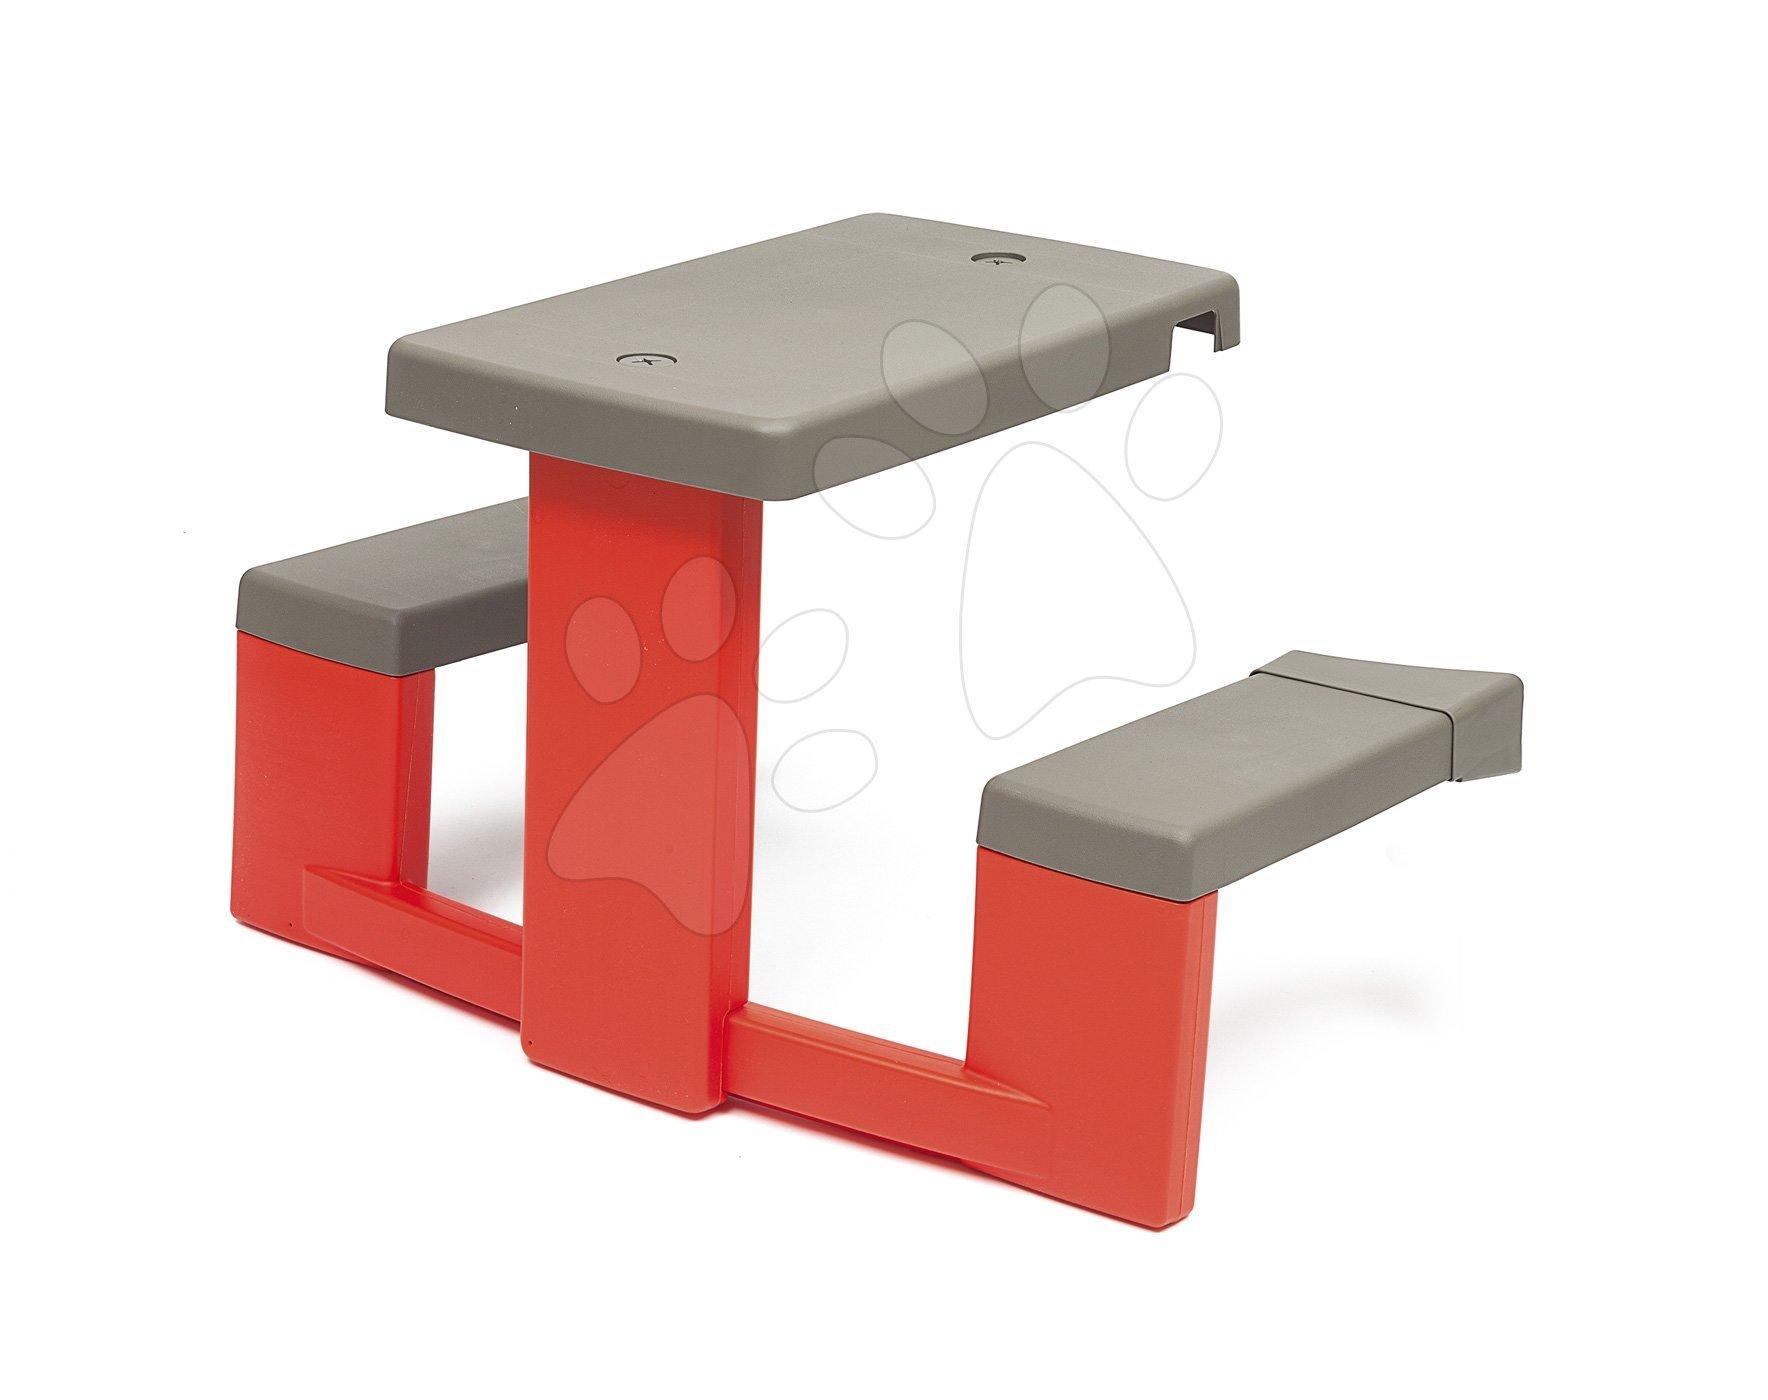 Smoby piknik stôl s dvoma lavicami k domčeku Neo Jura Lodge s UV filtrom 810902